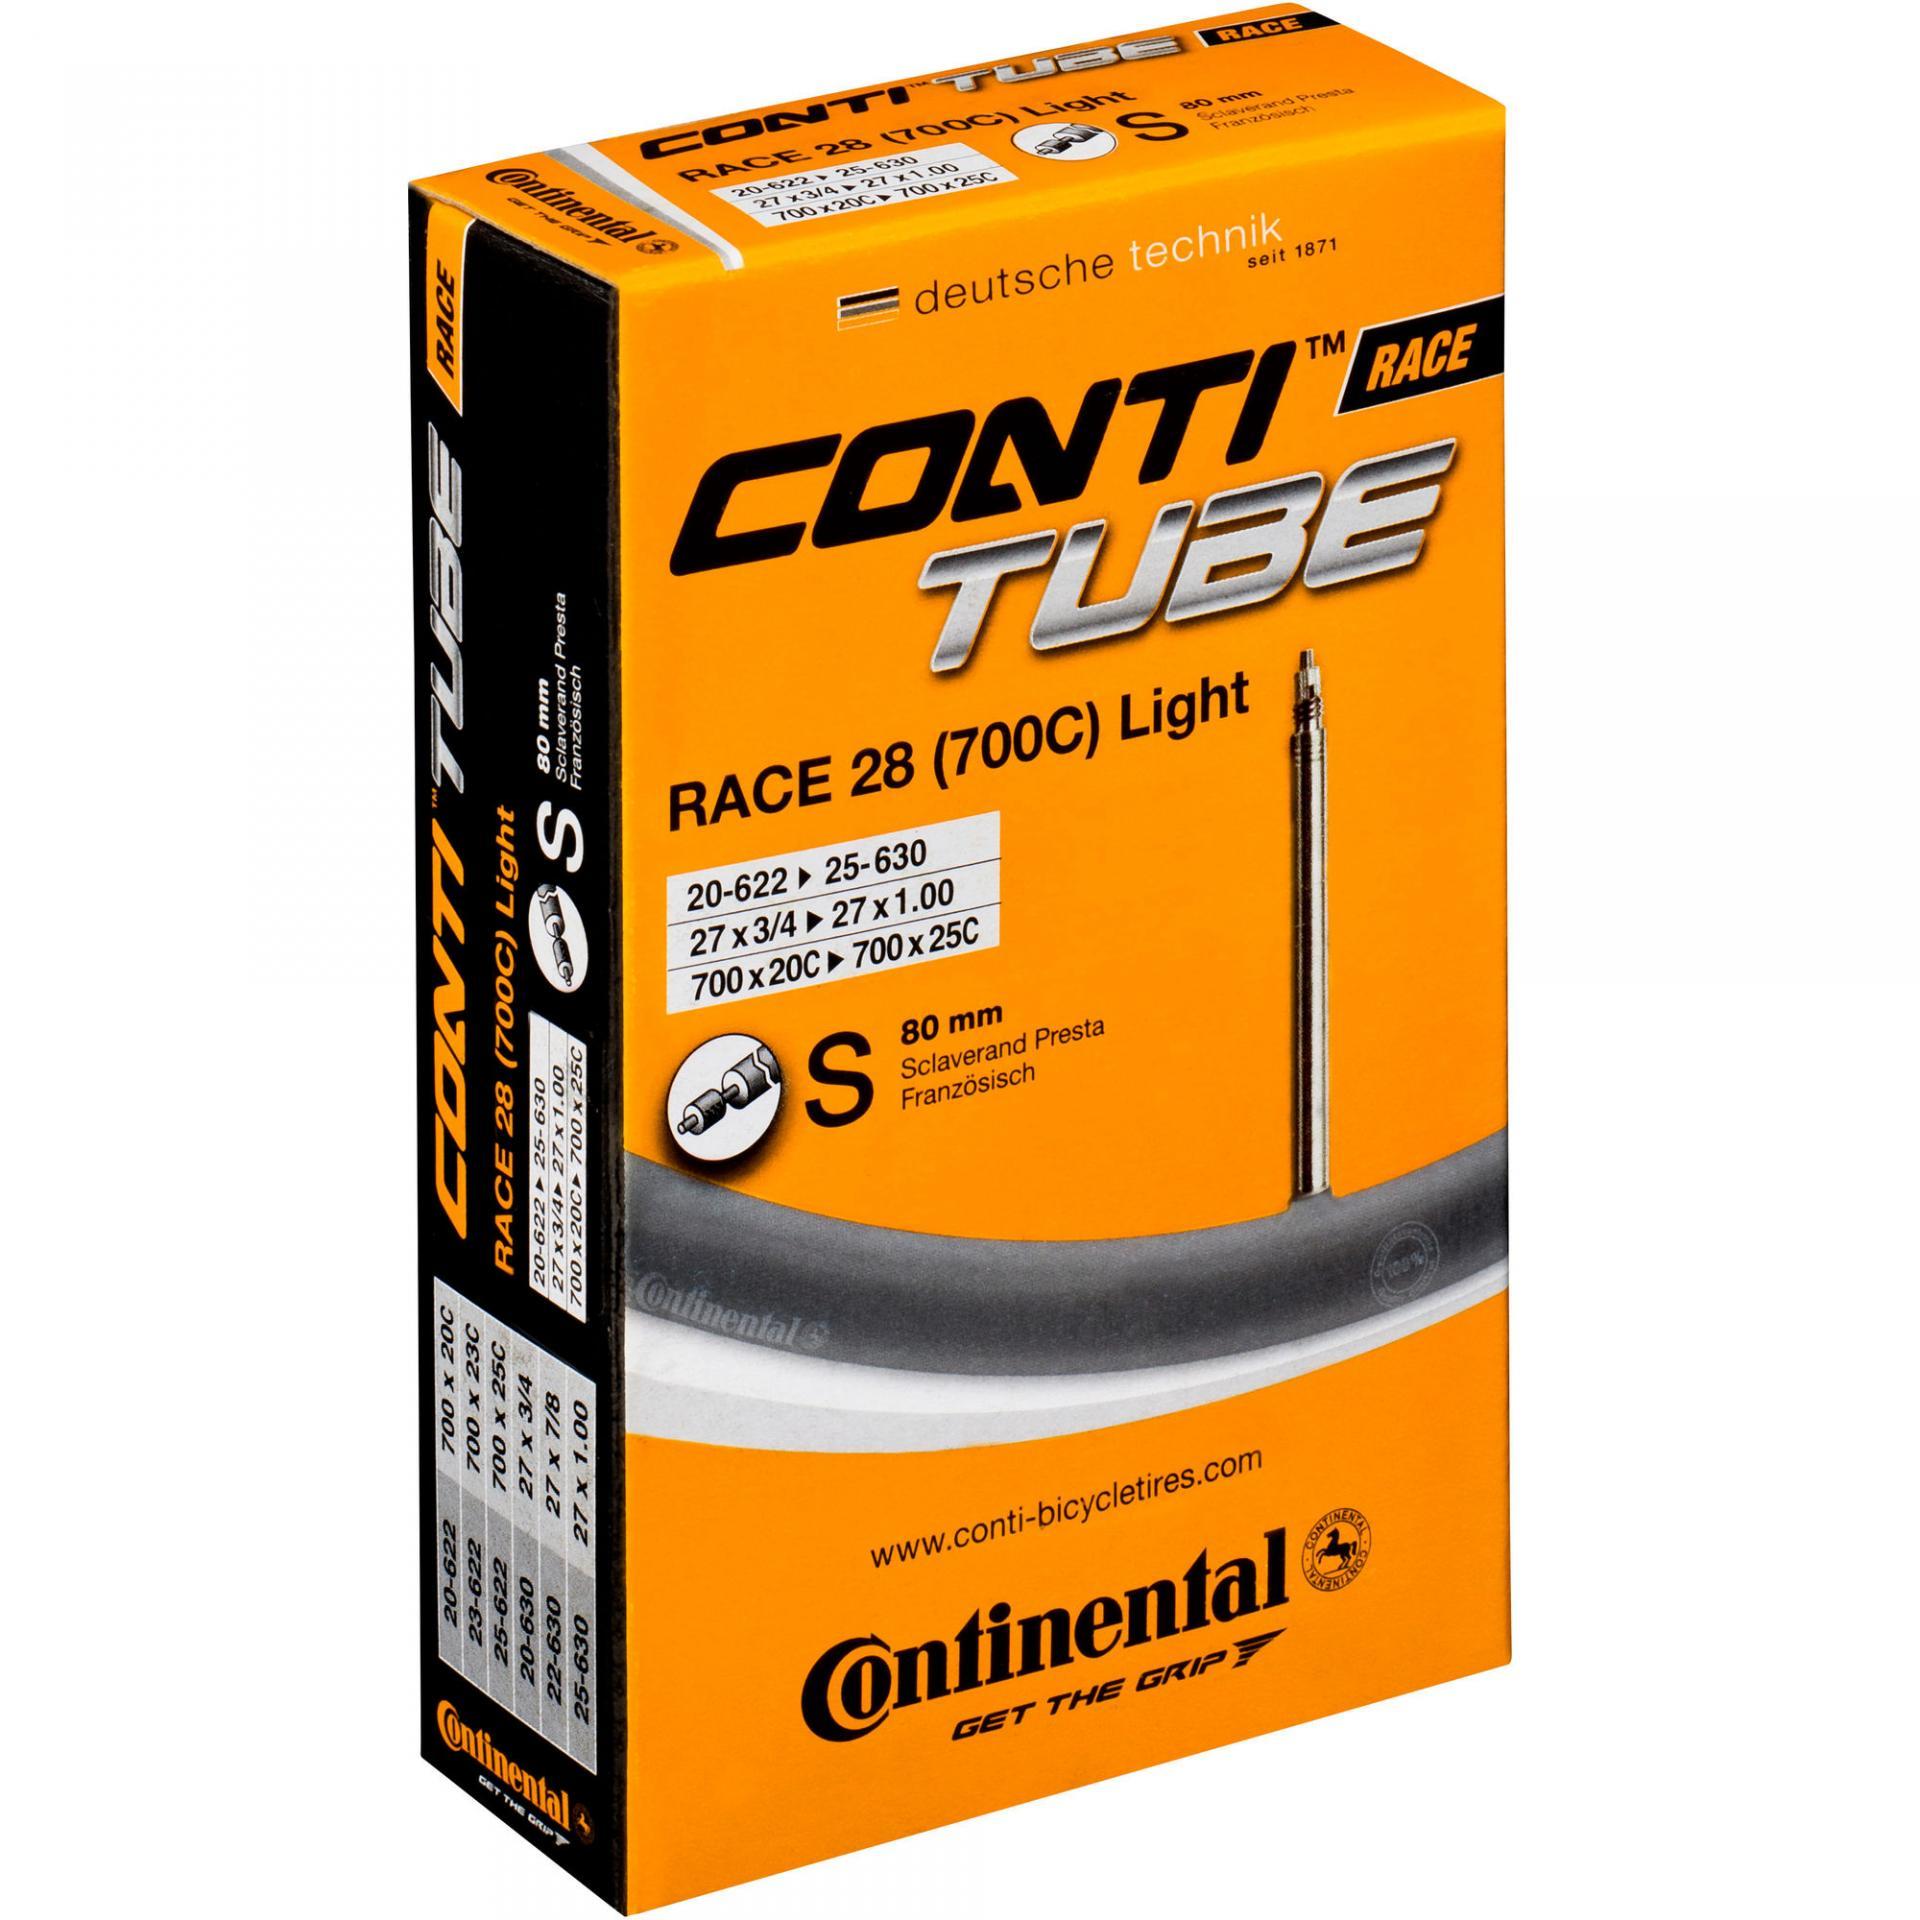 Conti tube race28 presta 80